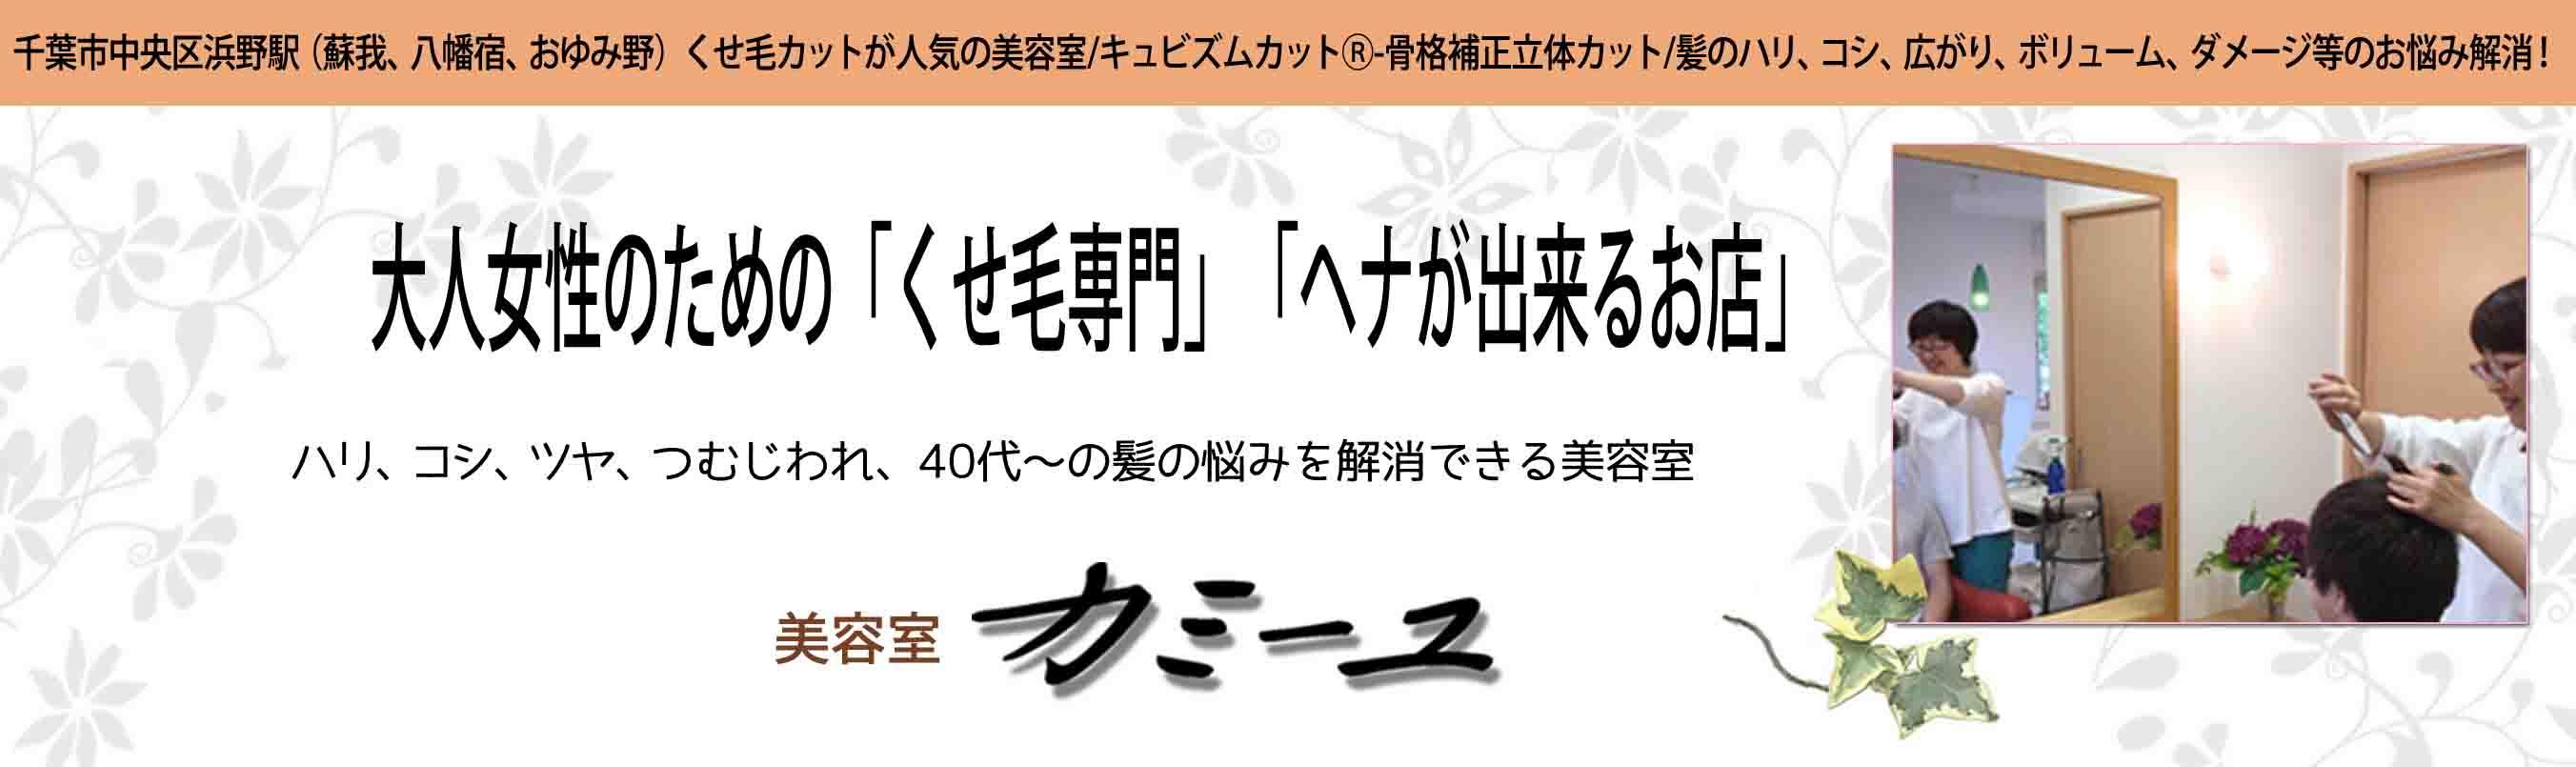 大人女性のための「くせ毛カット」「100%天然ヘナ専門」美容室 - 千葉市 浜野 カミーユ